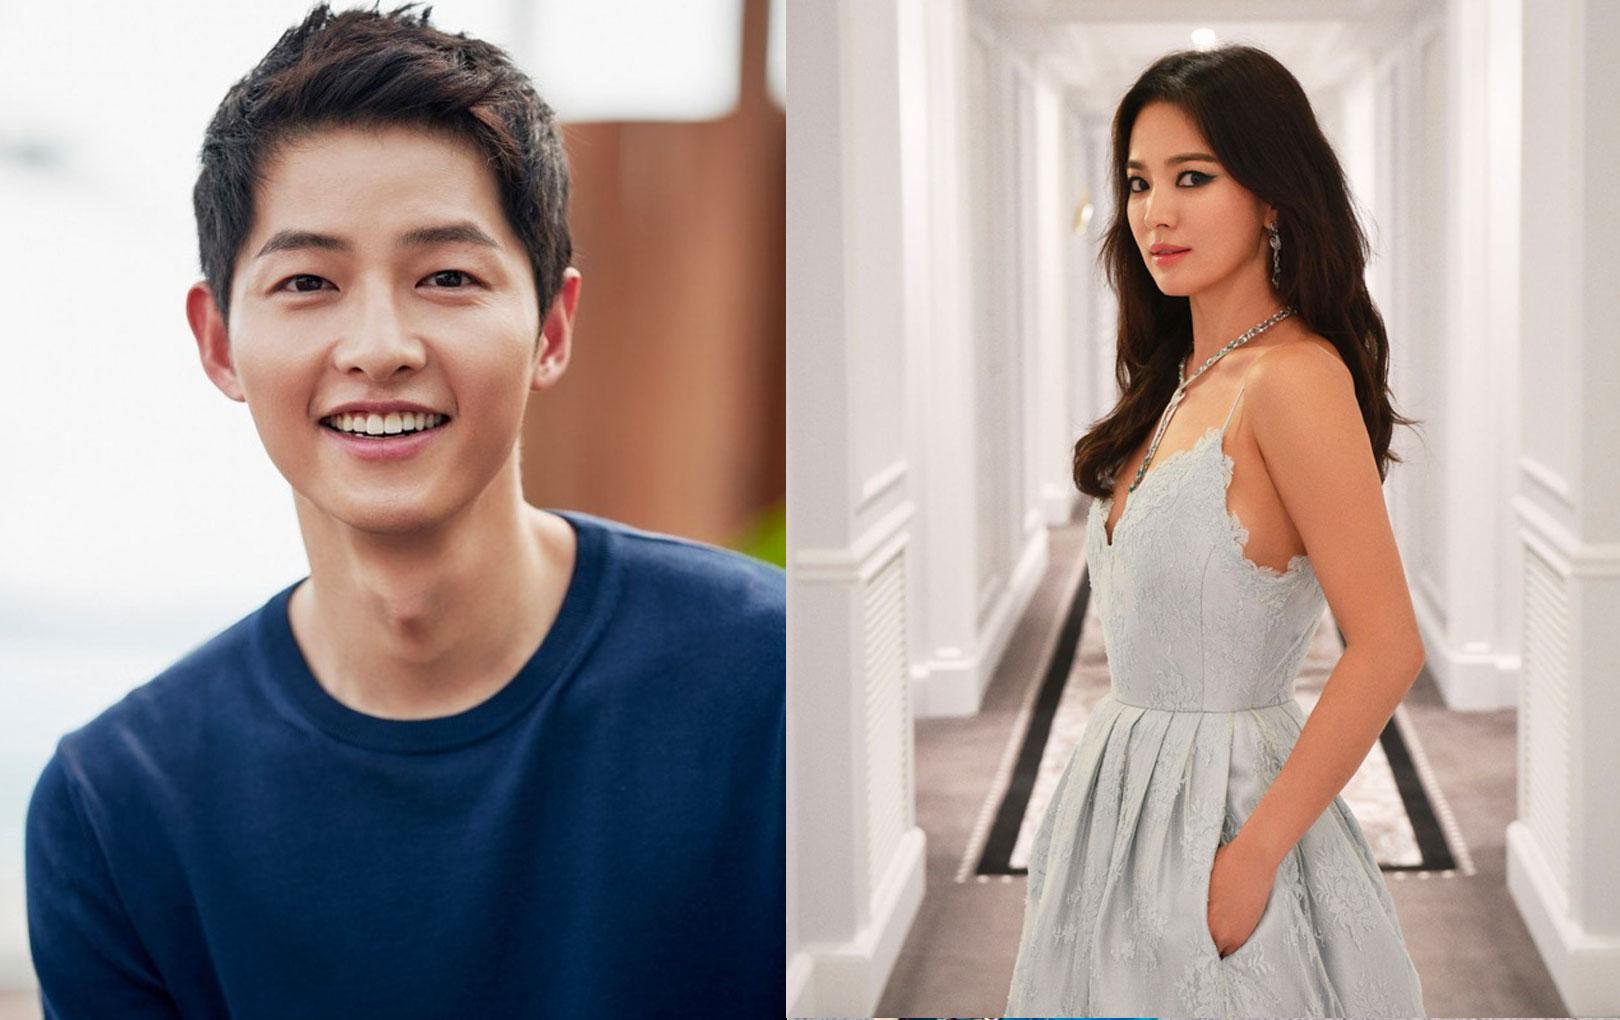 Chính thức ly hôn: Song Hye Kyo bất ngờ khai tử ảnh cưới thế kỷ, loạt ảnh chồng chụp cũng bay màu